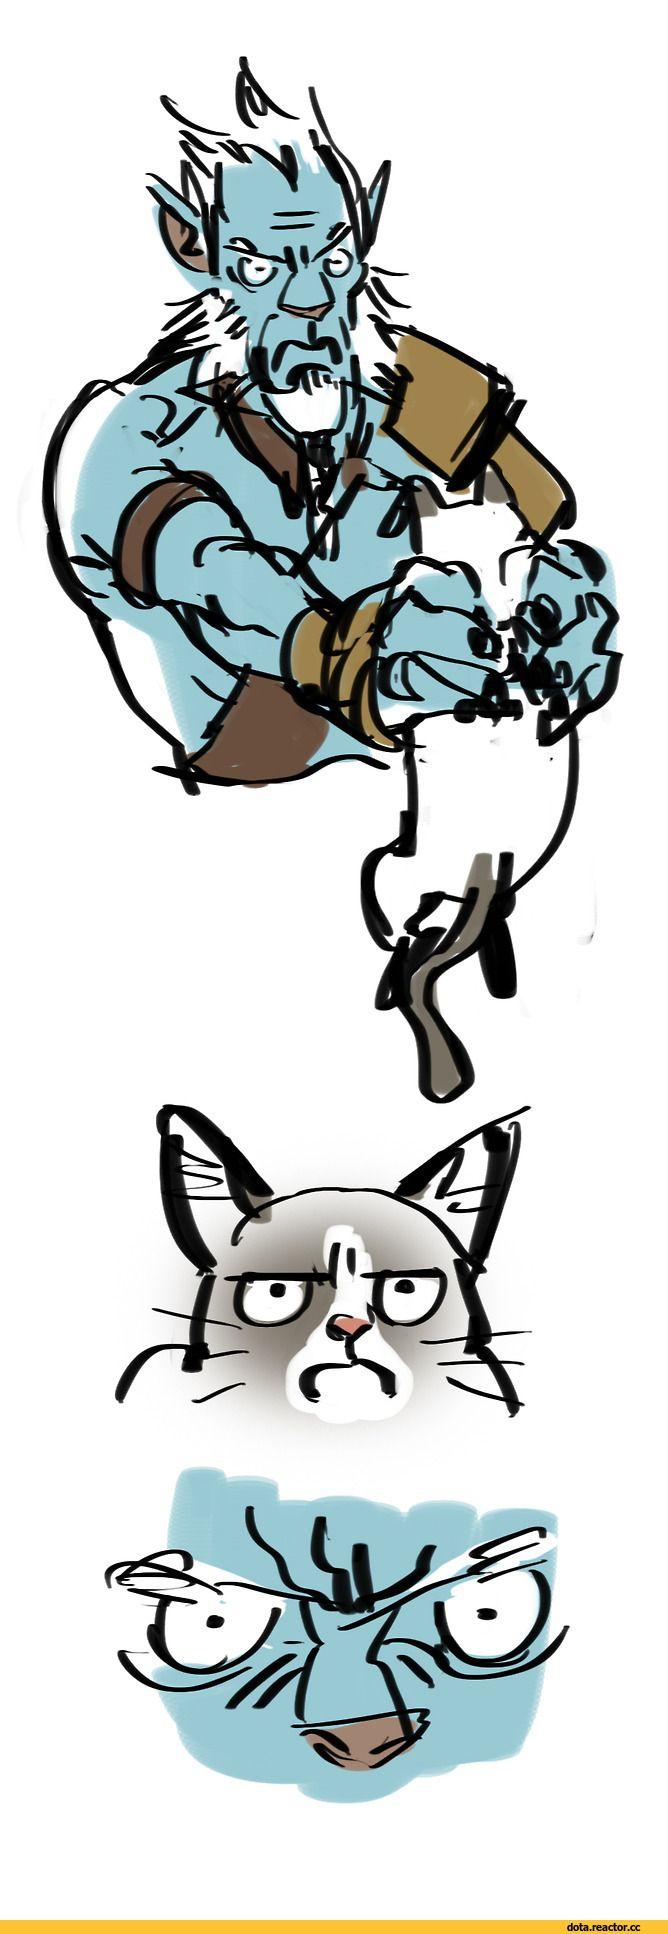 Phantom Lancer,Dota,фэндомы,Dota Comics,песочница